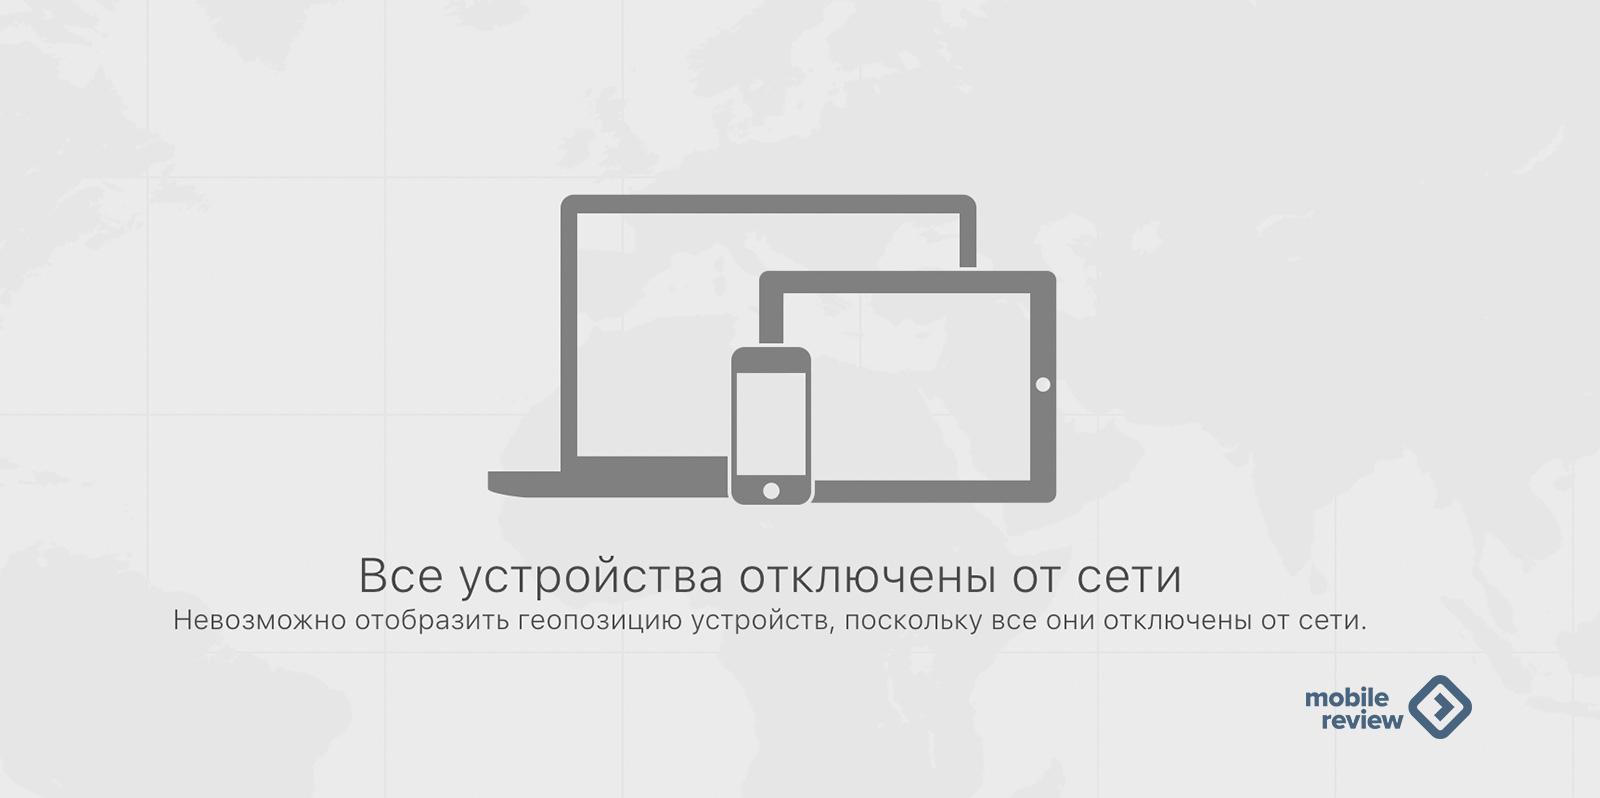 Блокировка активации устройства для iPhone или iPad. Зло или добро?